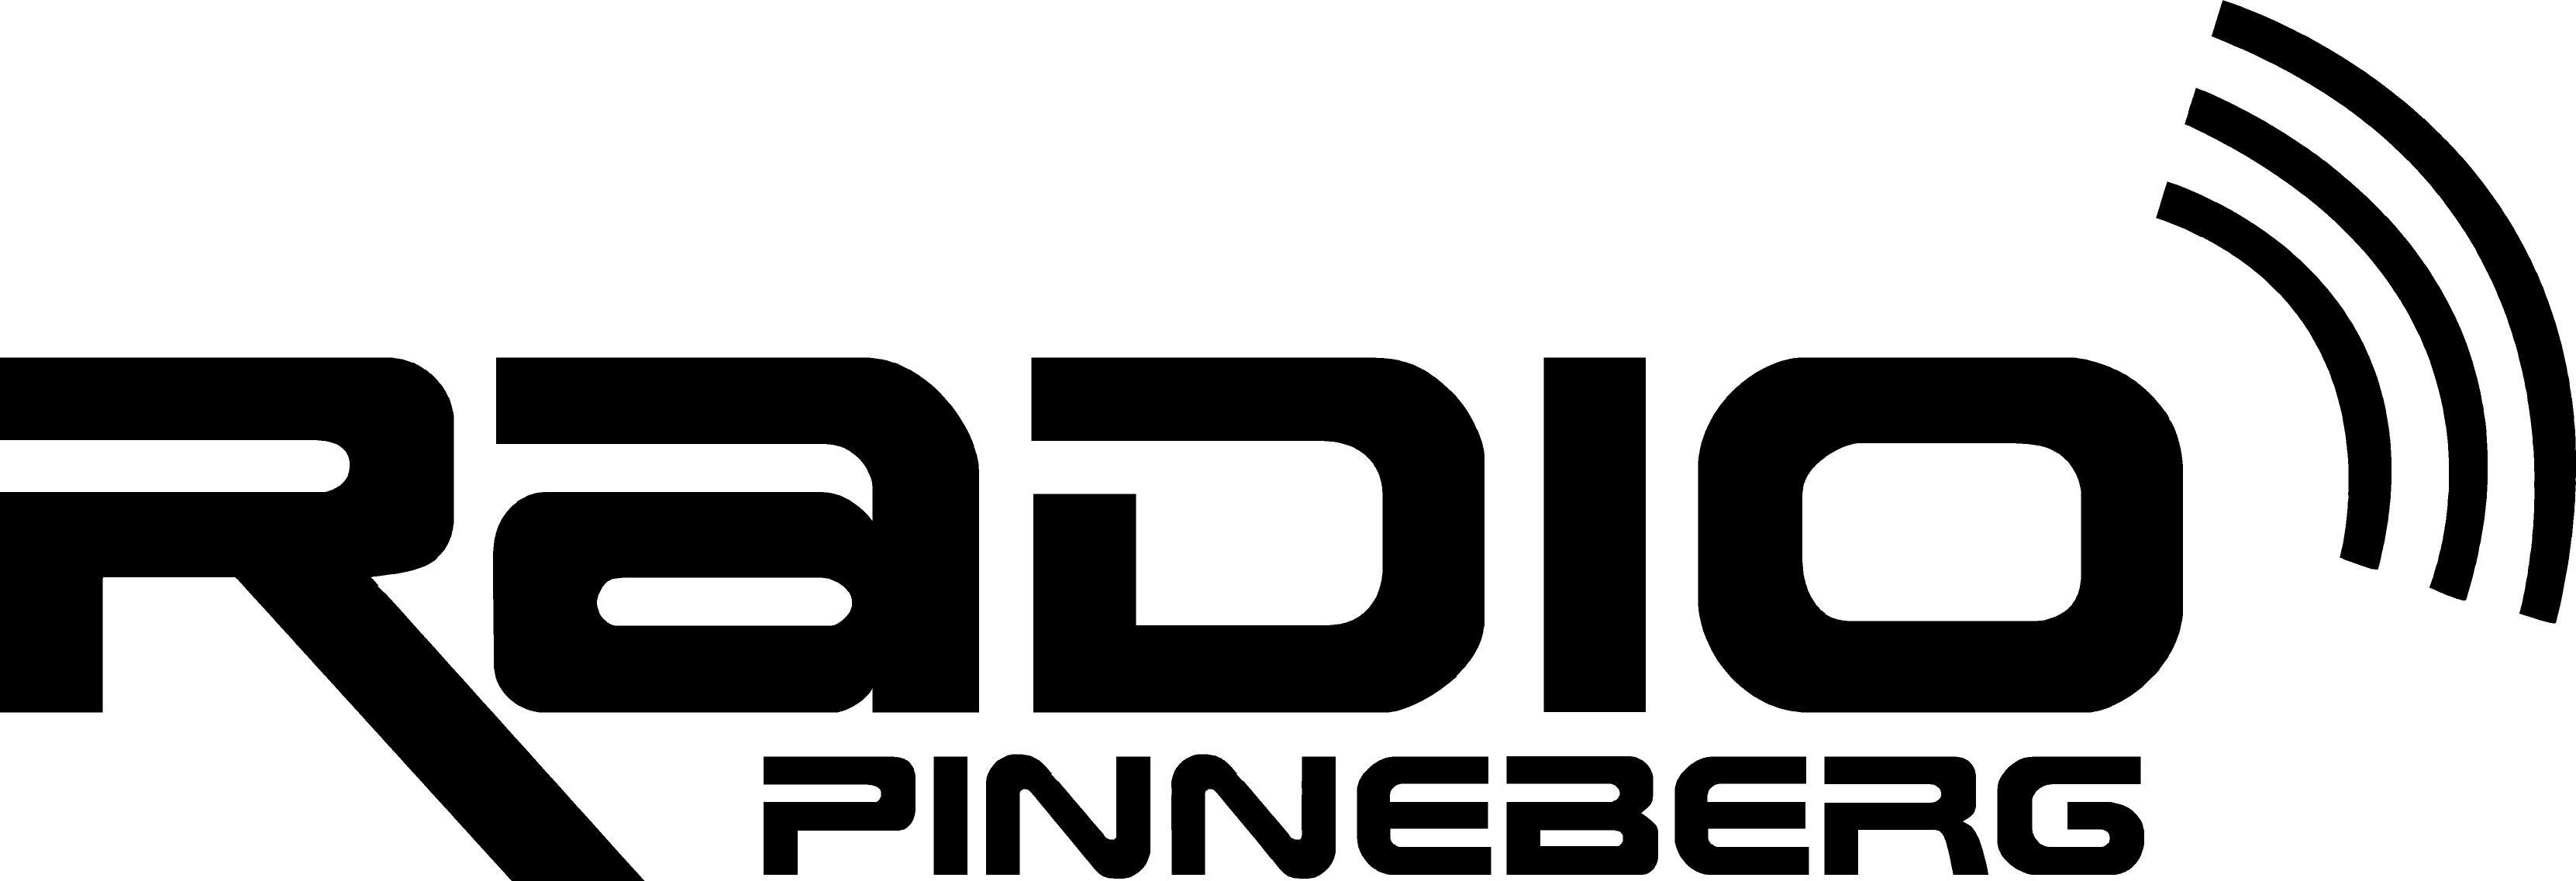 Pinneberg Radio Logo Logo Brands For Free Hd 3d